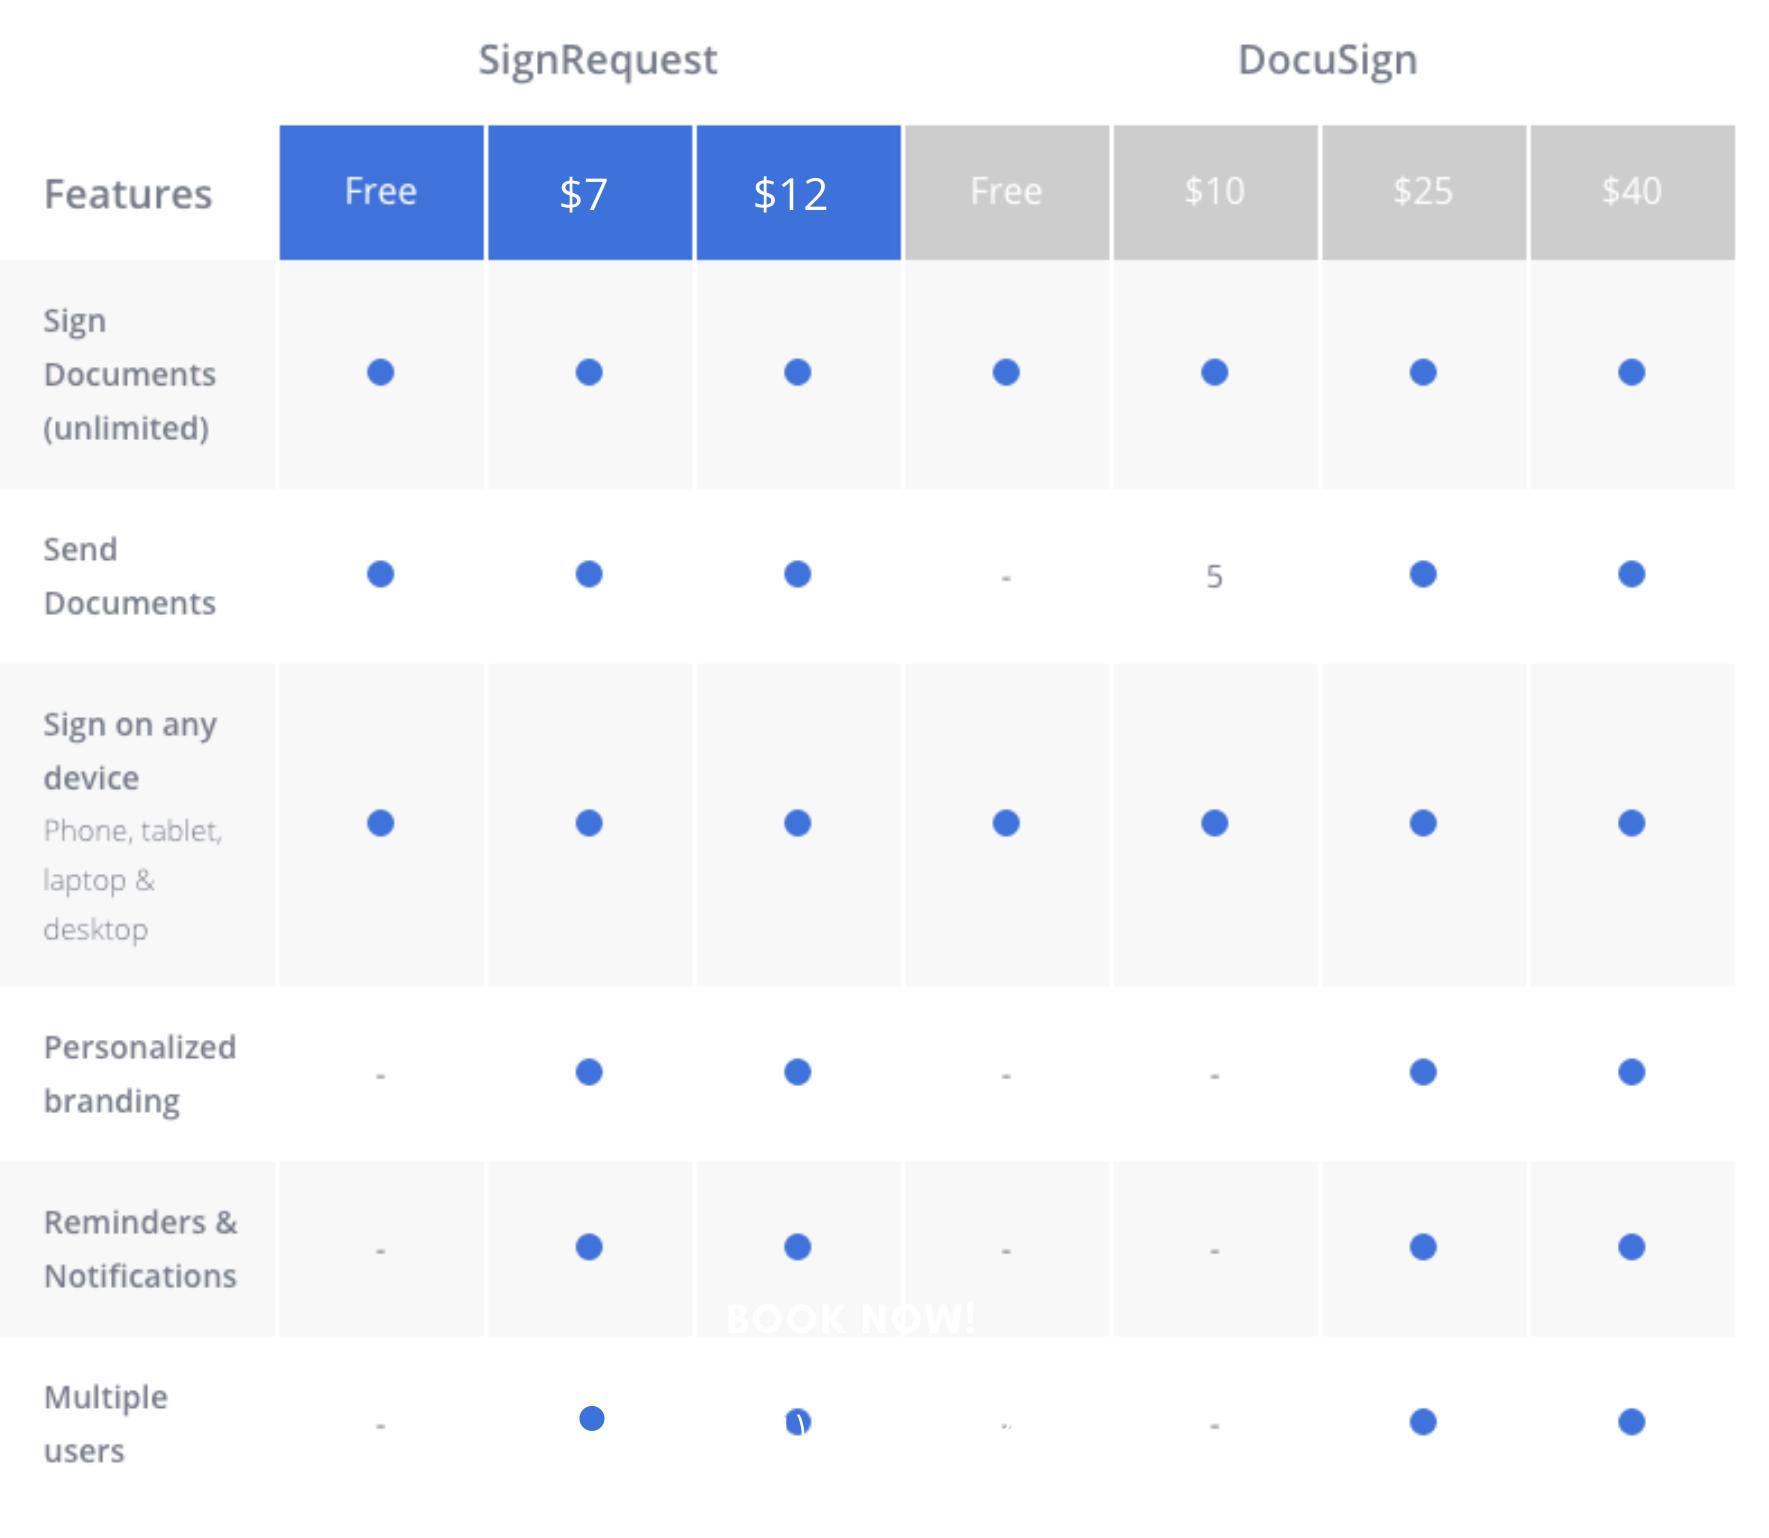 Vergelijk DocuSign met SignRequest